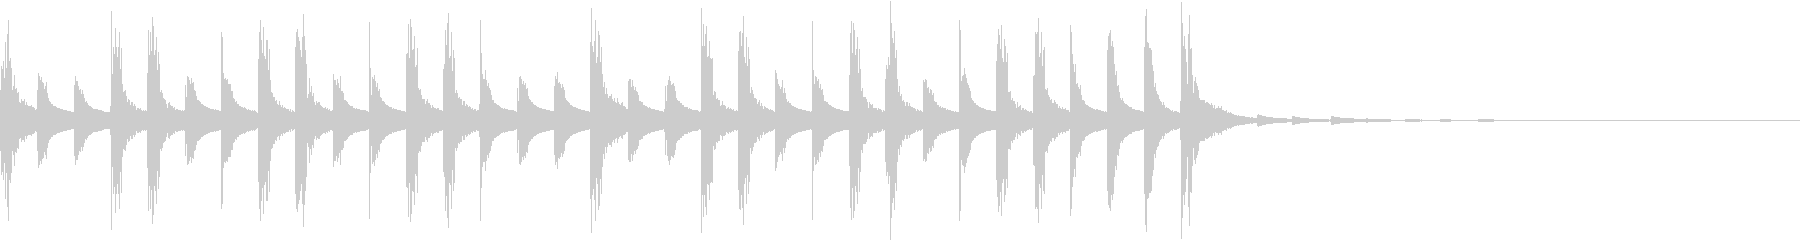 エレクトロでシンプルなジングルの未再生の波形